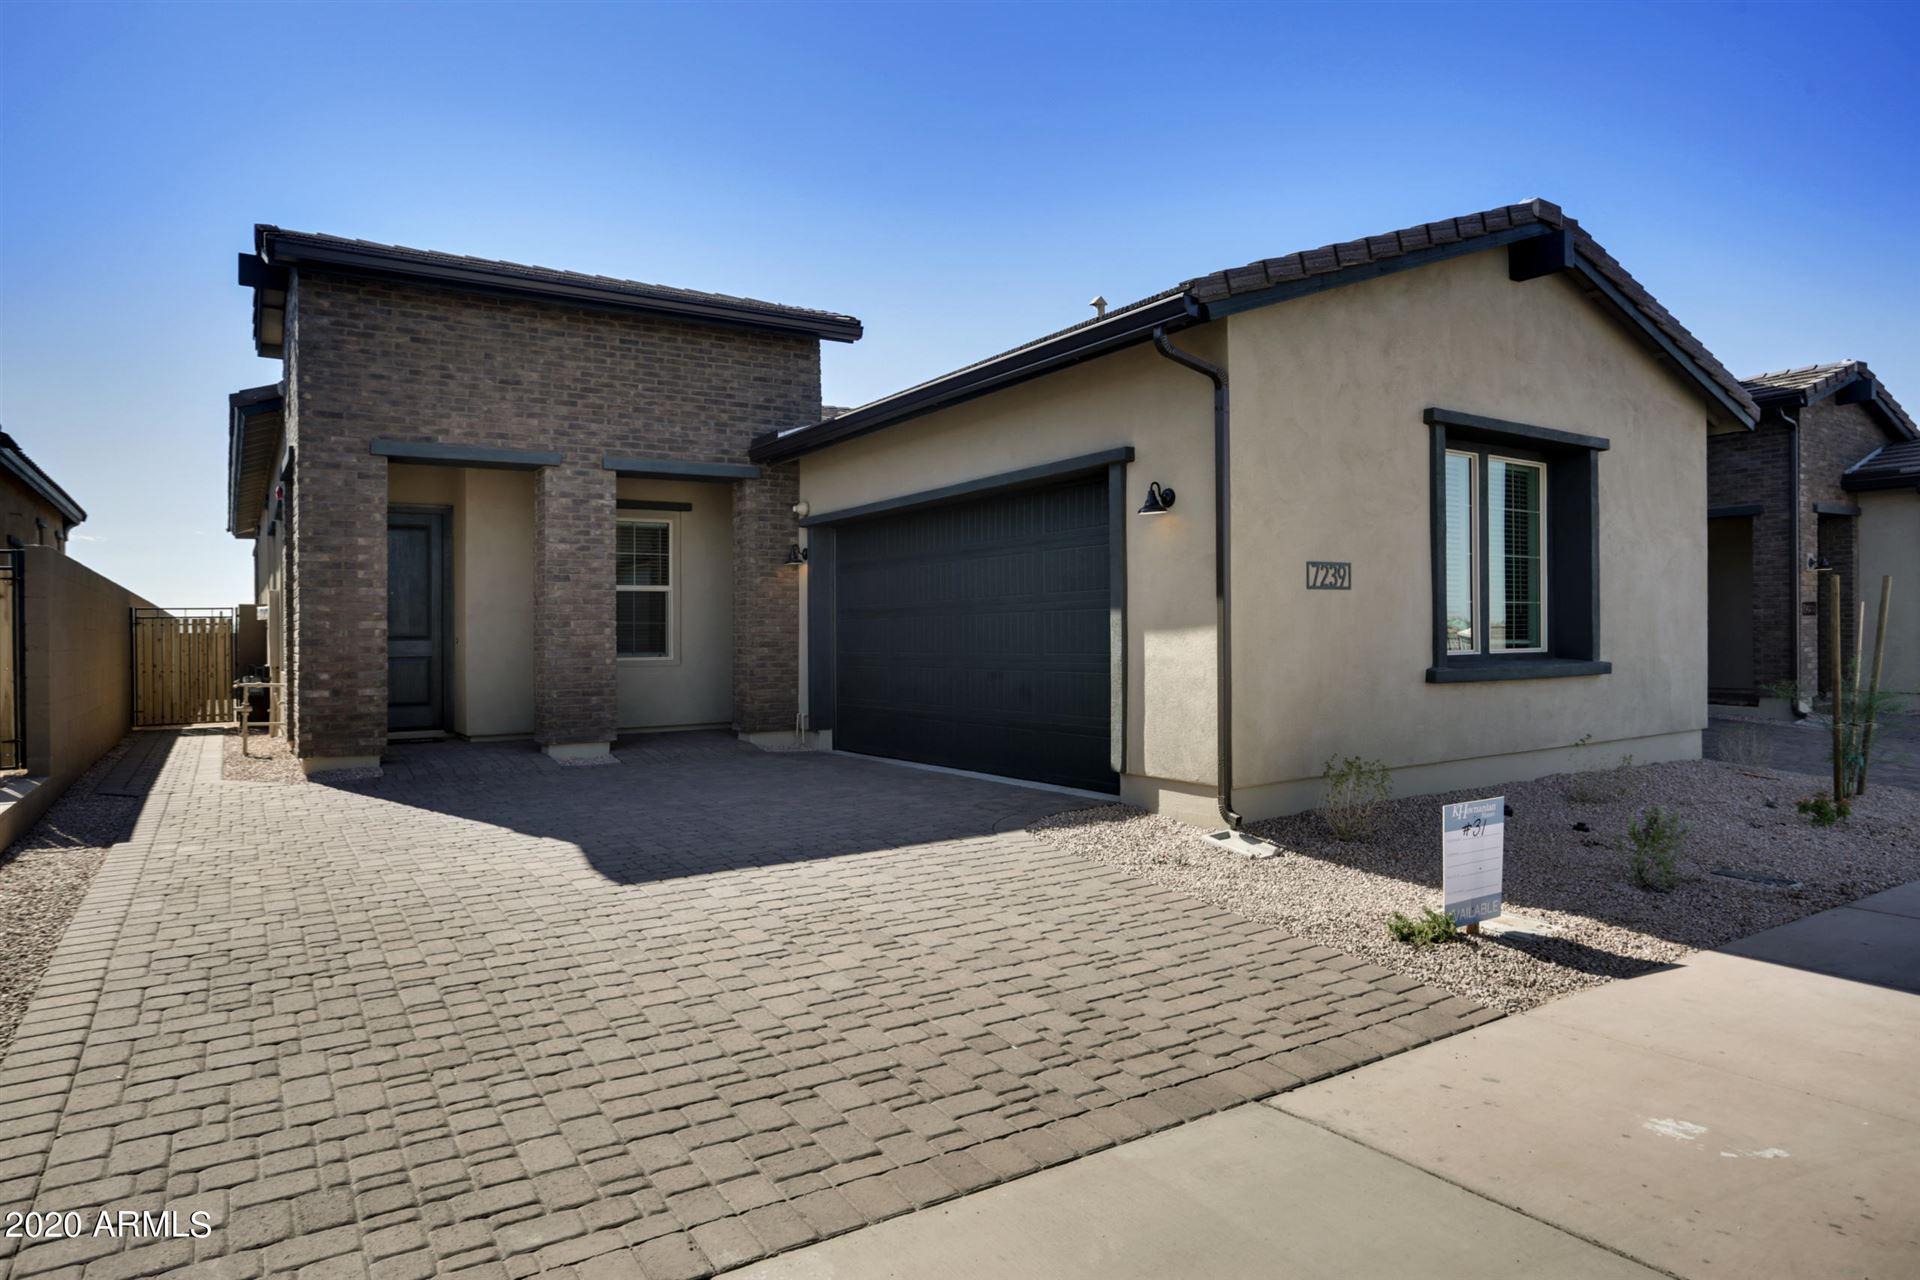 7239 E CALLE PRIMERA Vista, Scottsdale, AZ 85266 - MLS#: 6170278